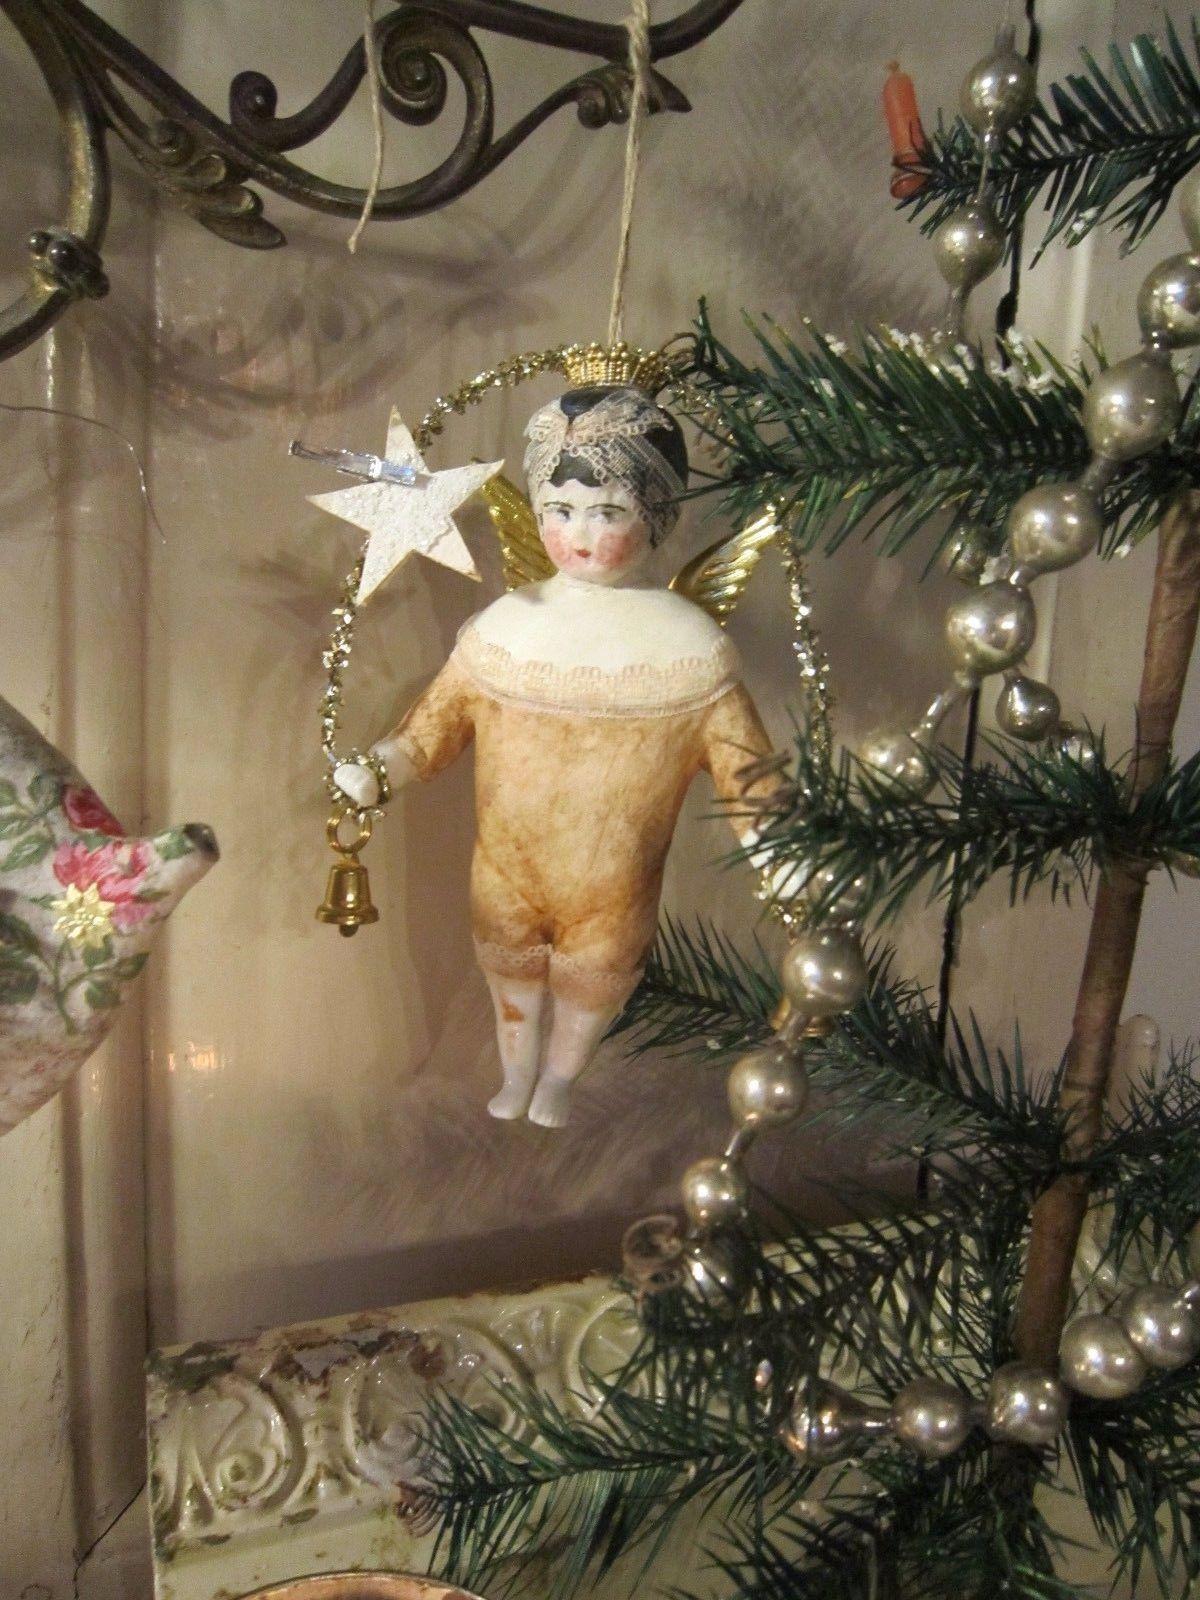 Pin by Edit Takács on karácsony | Pinterest | Antique christmas ...